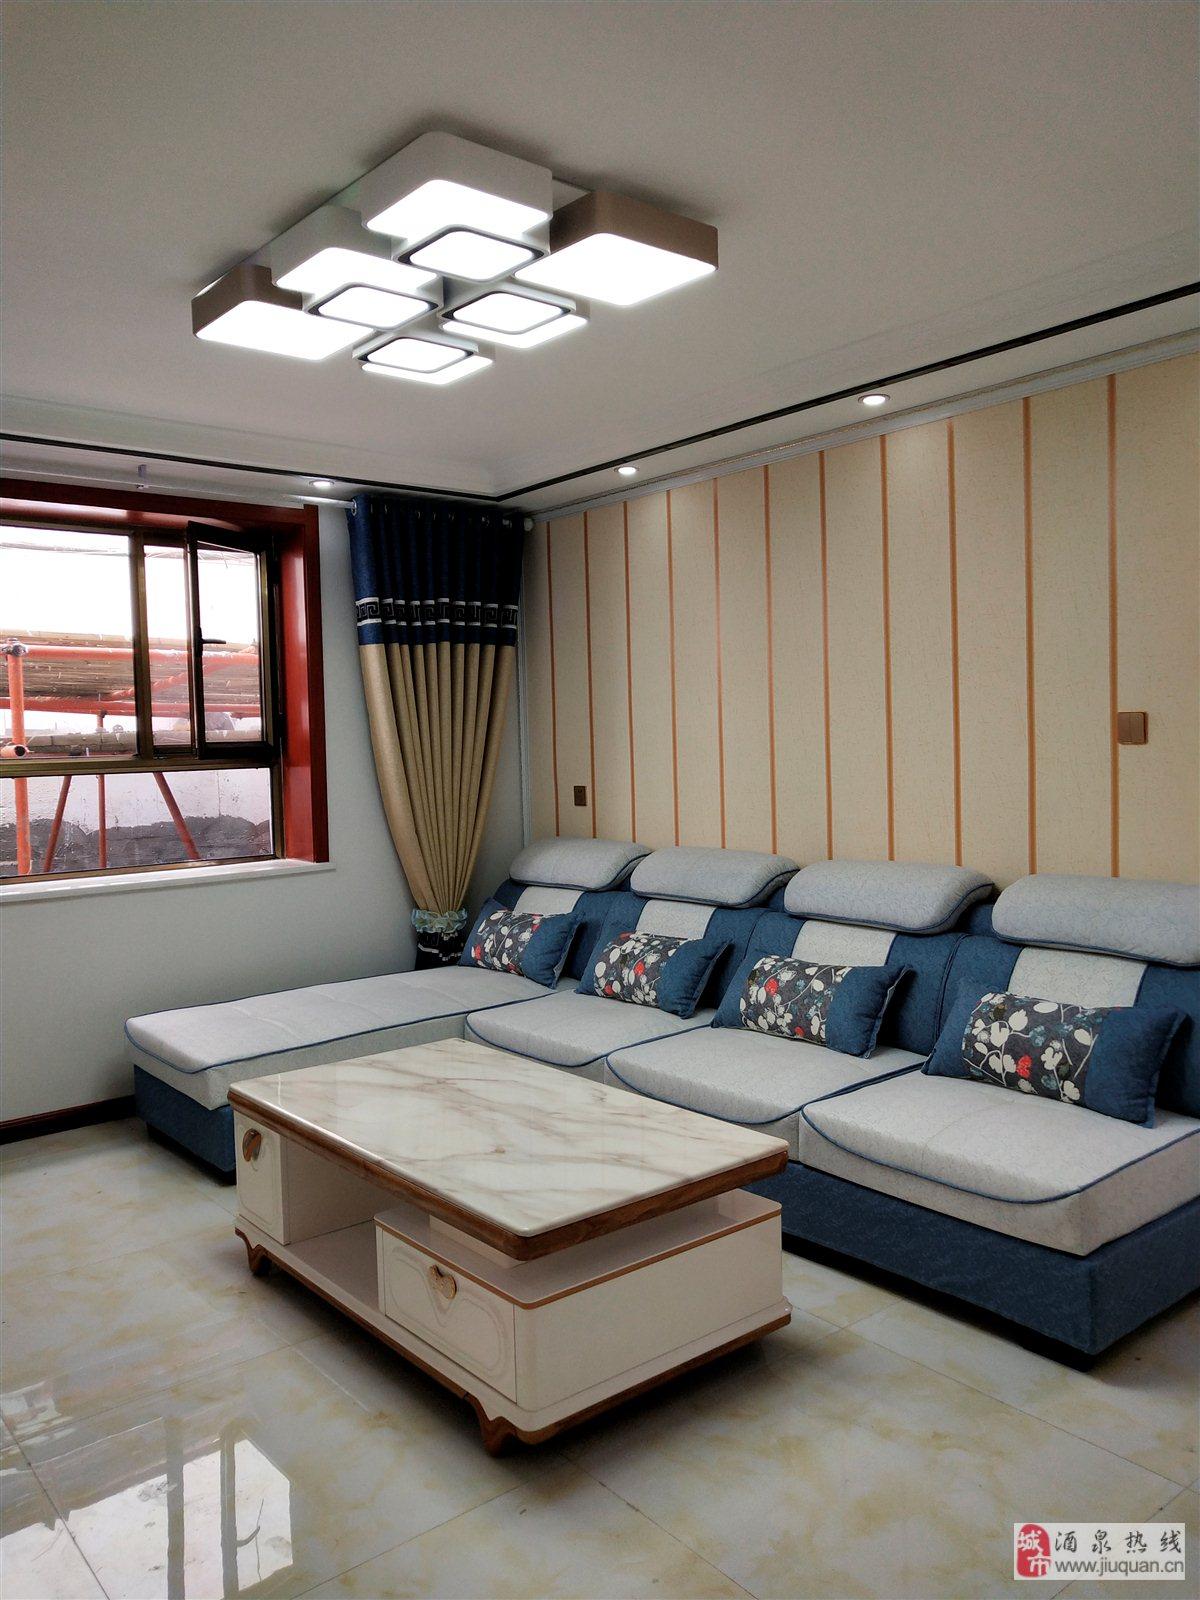 南苑小区(南苑路)3室 2厅 1卫50.8万元